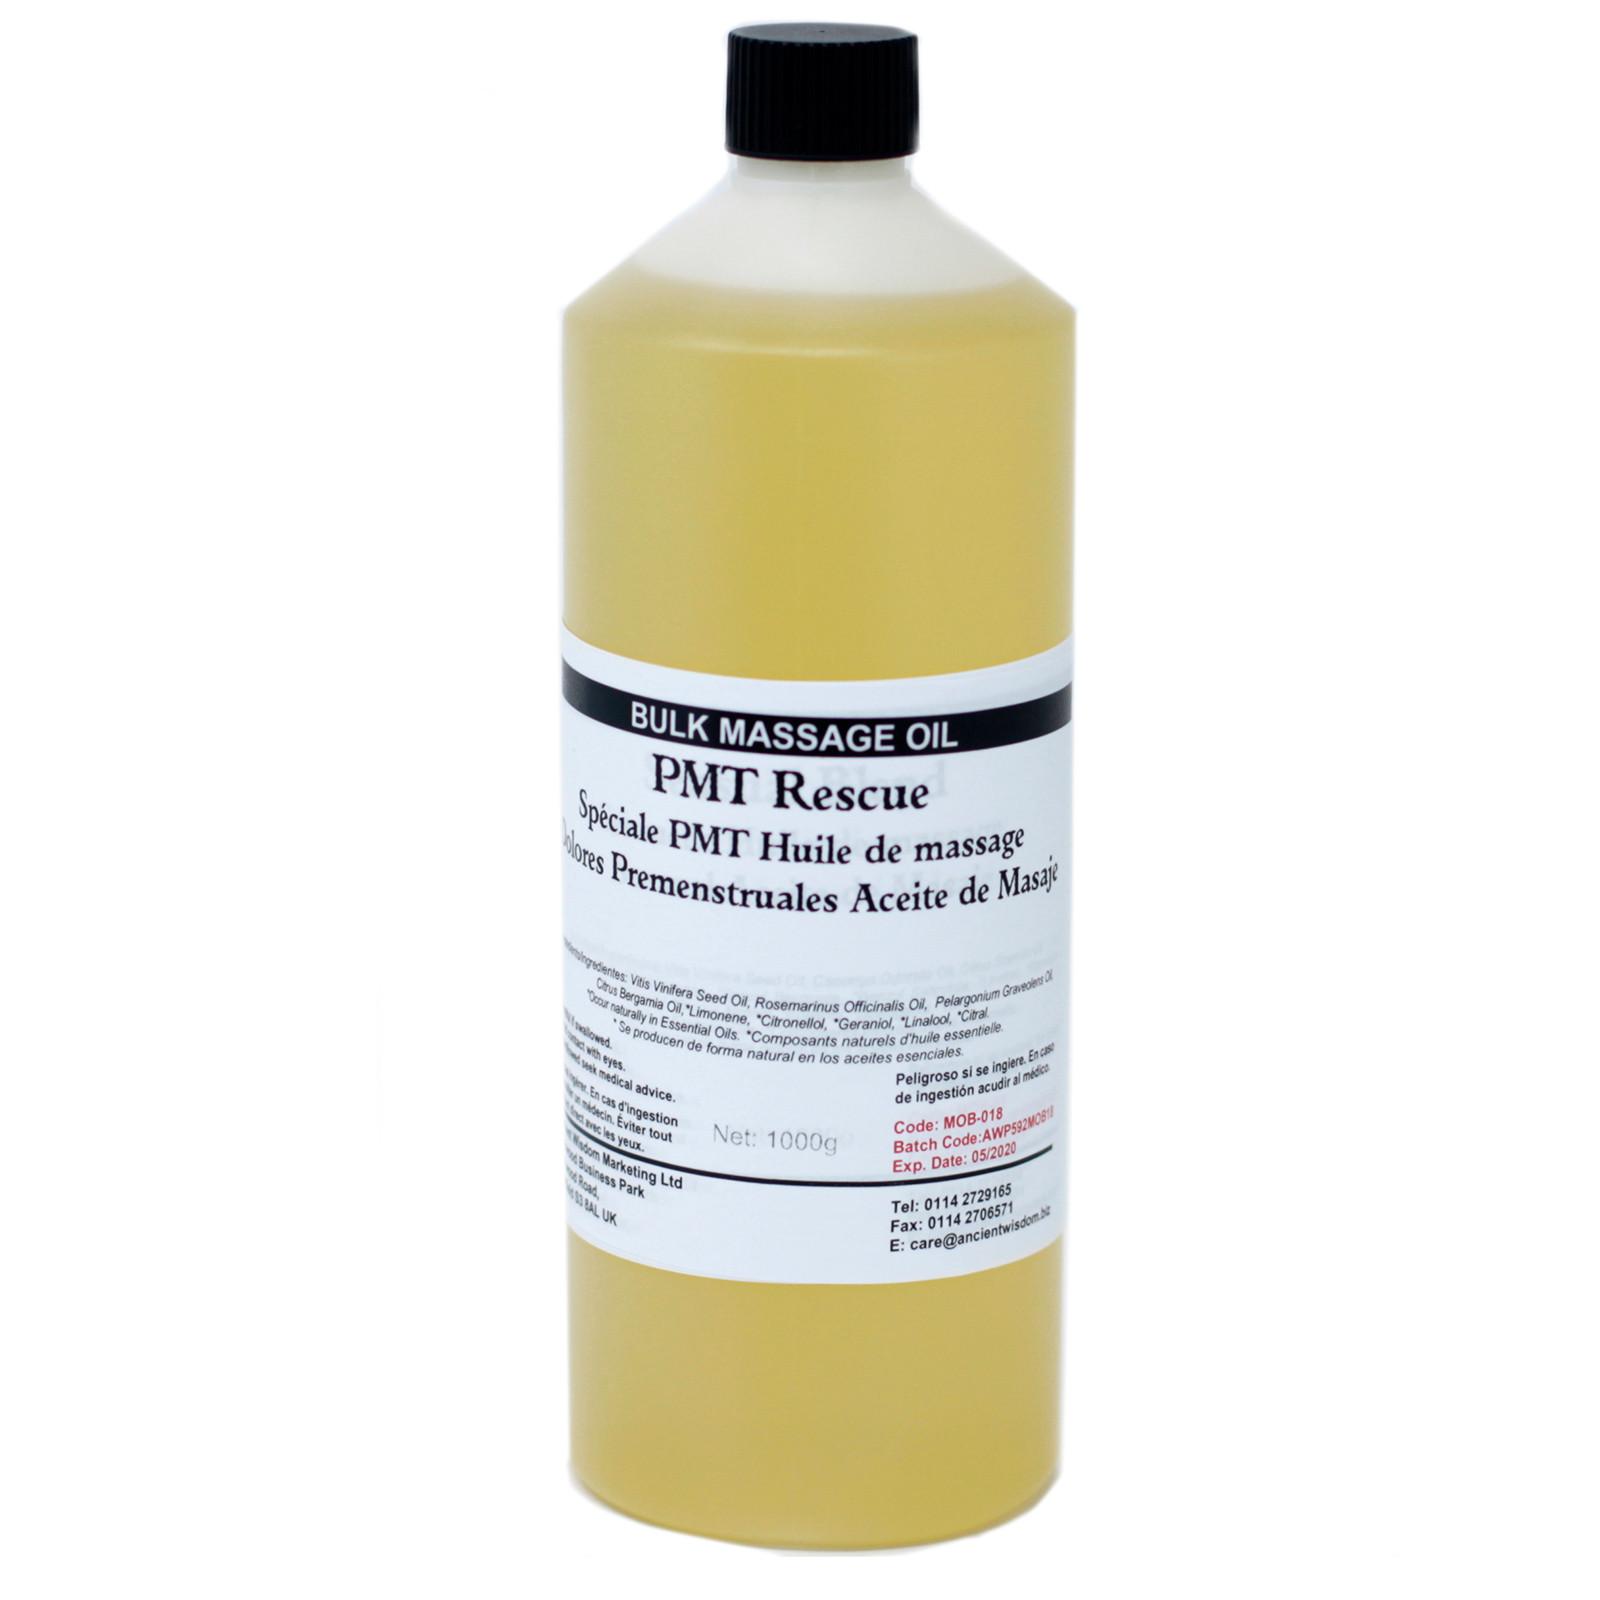 PMT Rescue 1Kg Massage Oil